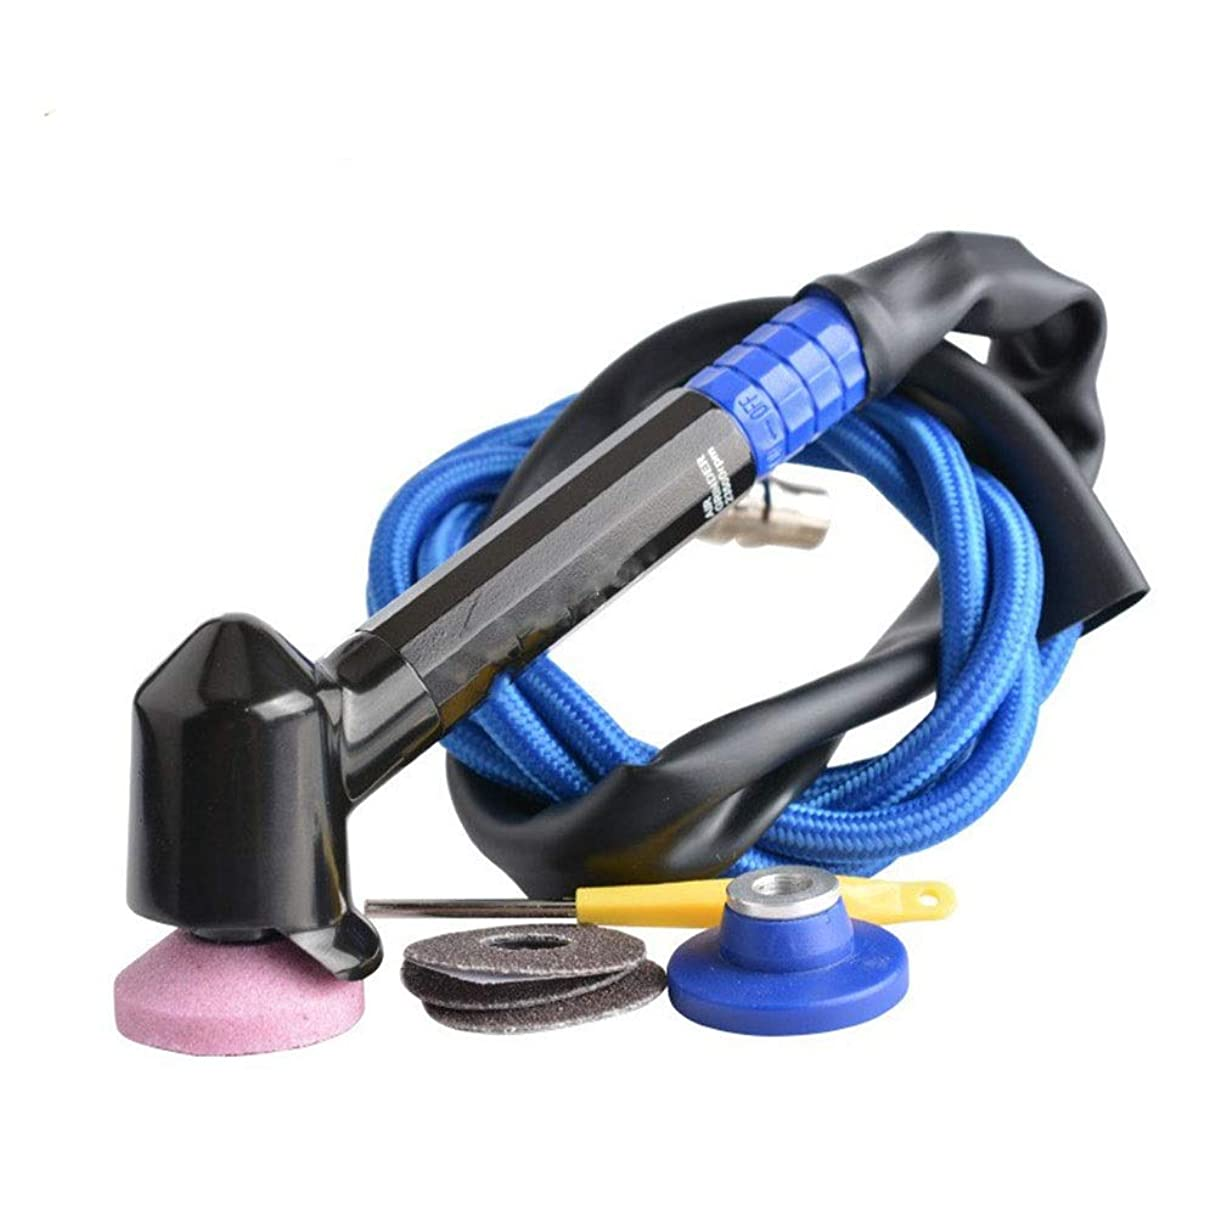 知る妊娠したうまくいけばエア工具 ハンドツール 45°エルボ風研削ペン、ハンドヘルド空気圧研磨ペンハンドツール